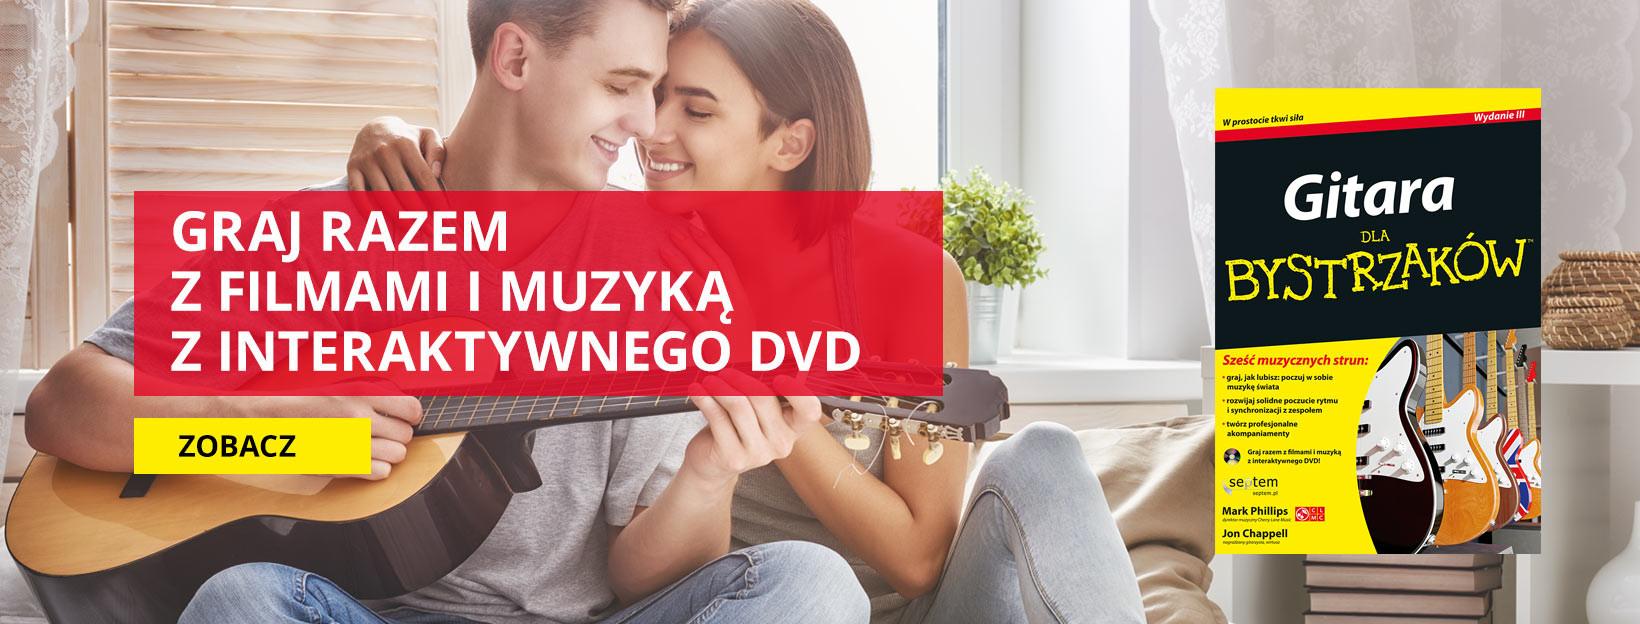 Graj razem z filmami i muzyką z interaktywnego DVD